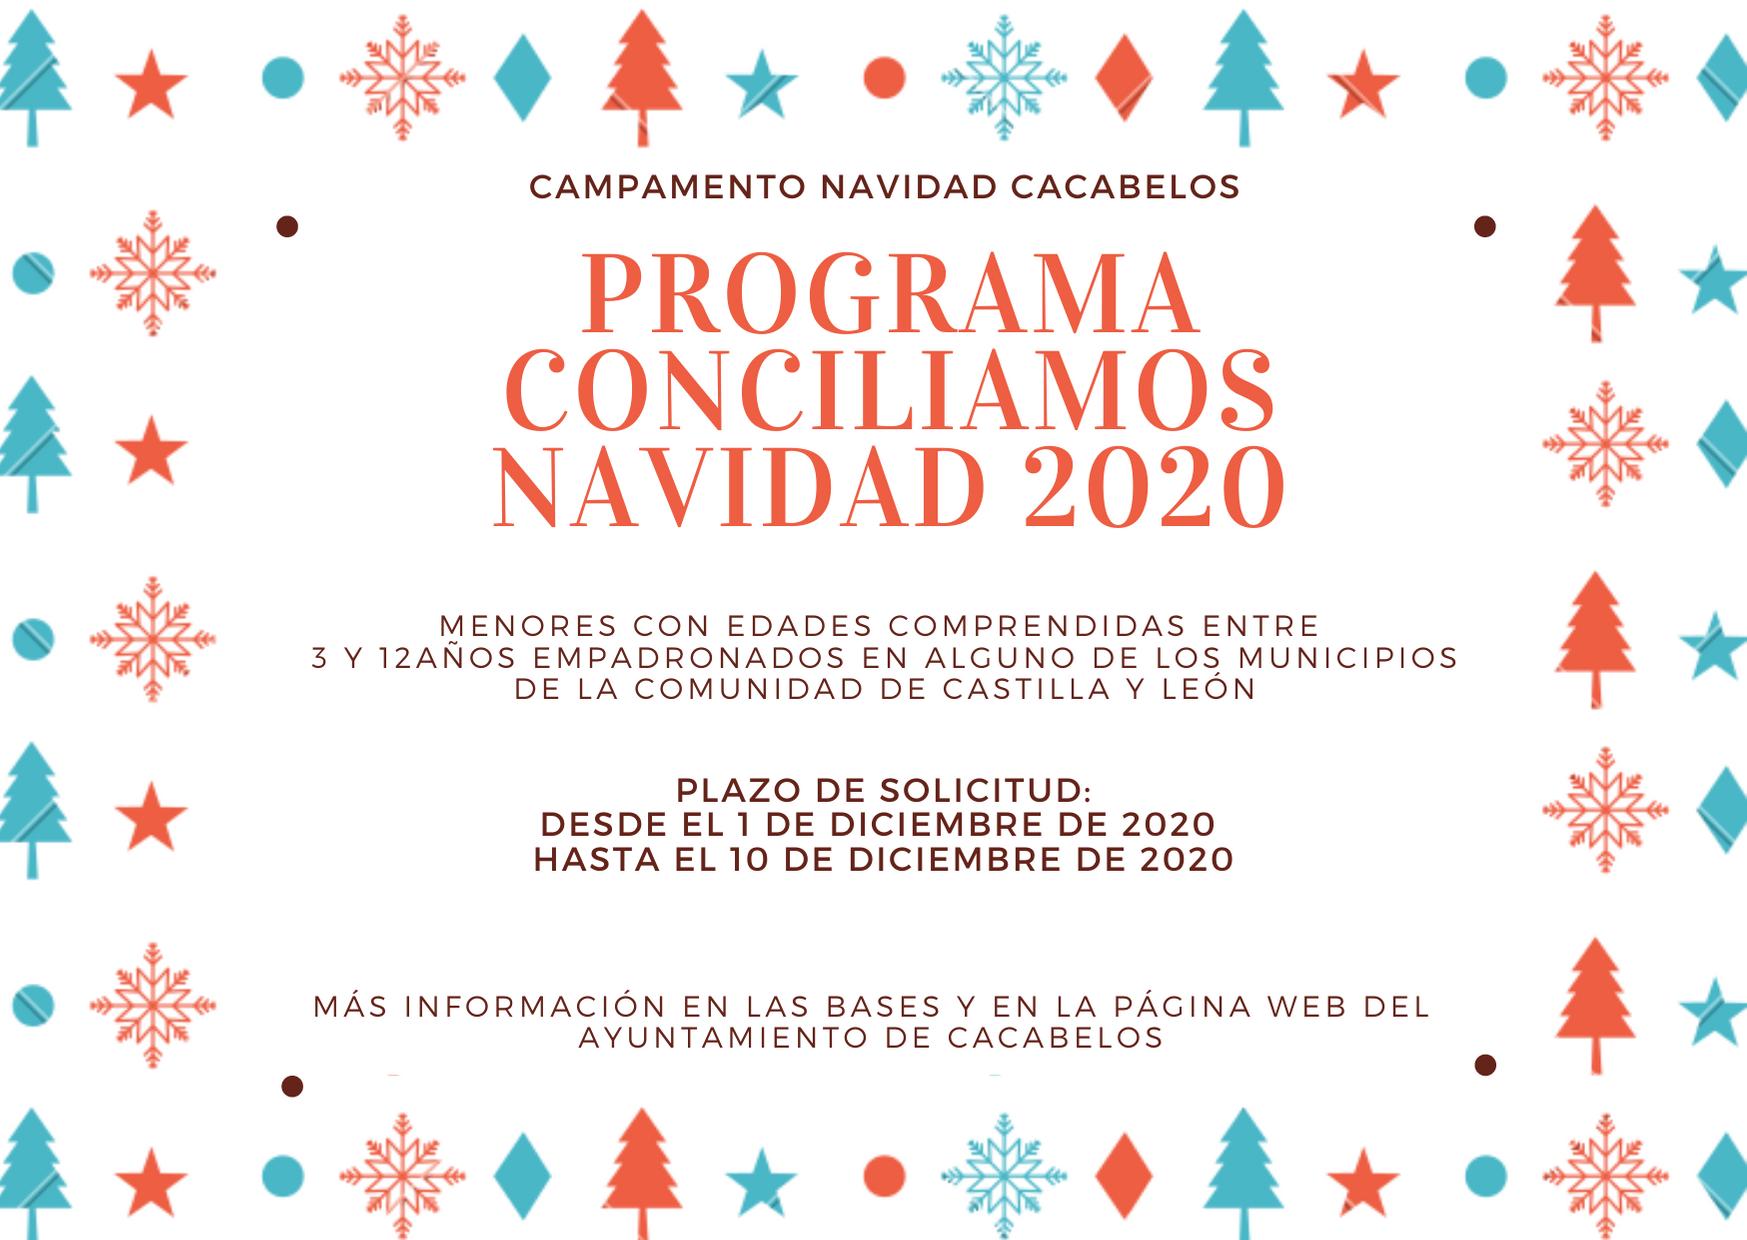 Campamento de Navidad 'Conciliamos 2020' en Cacabelos 2